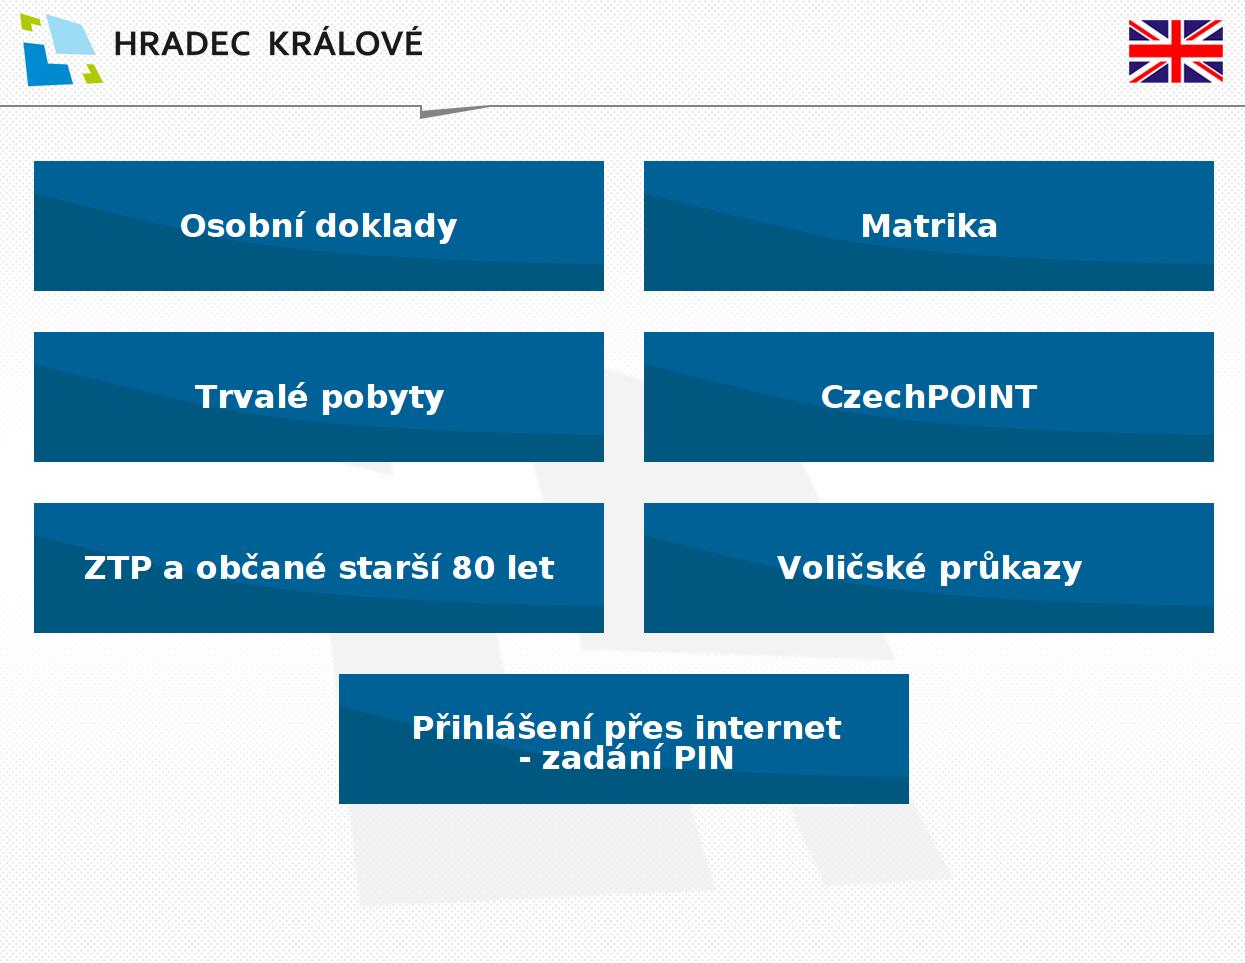 Kiosek-Hradec-Králové